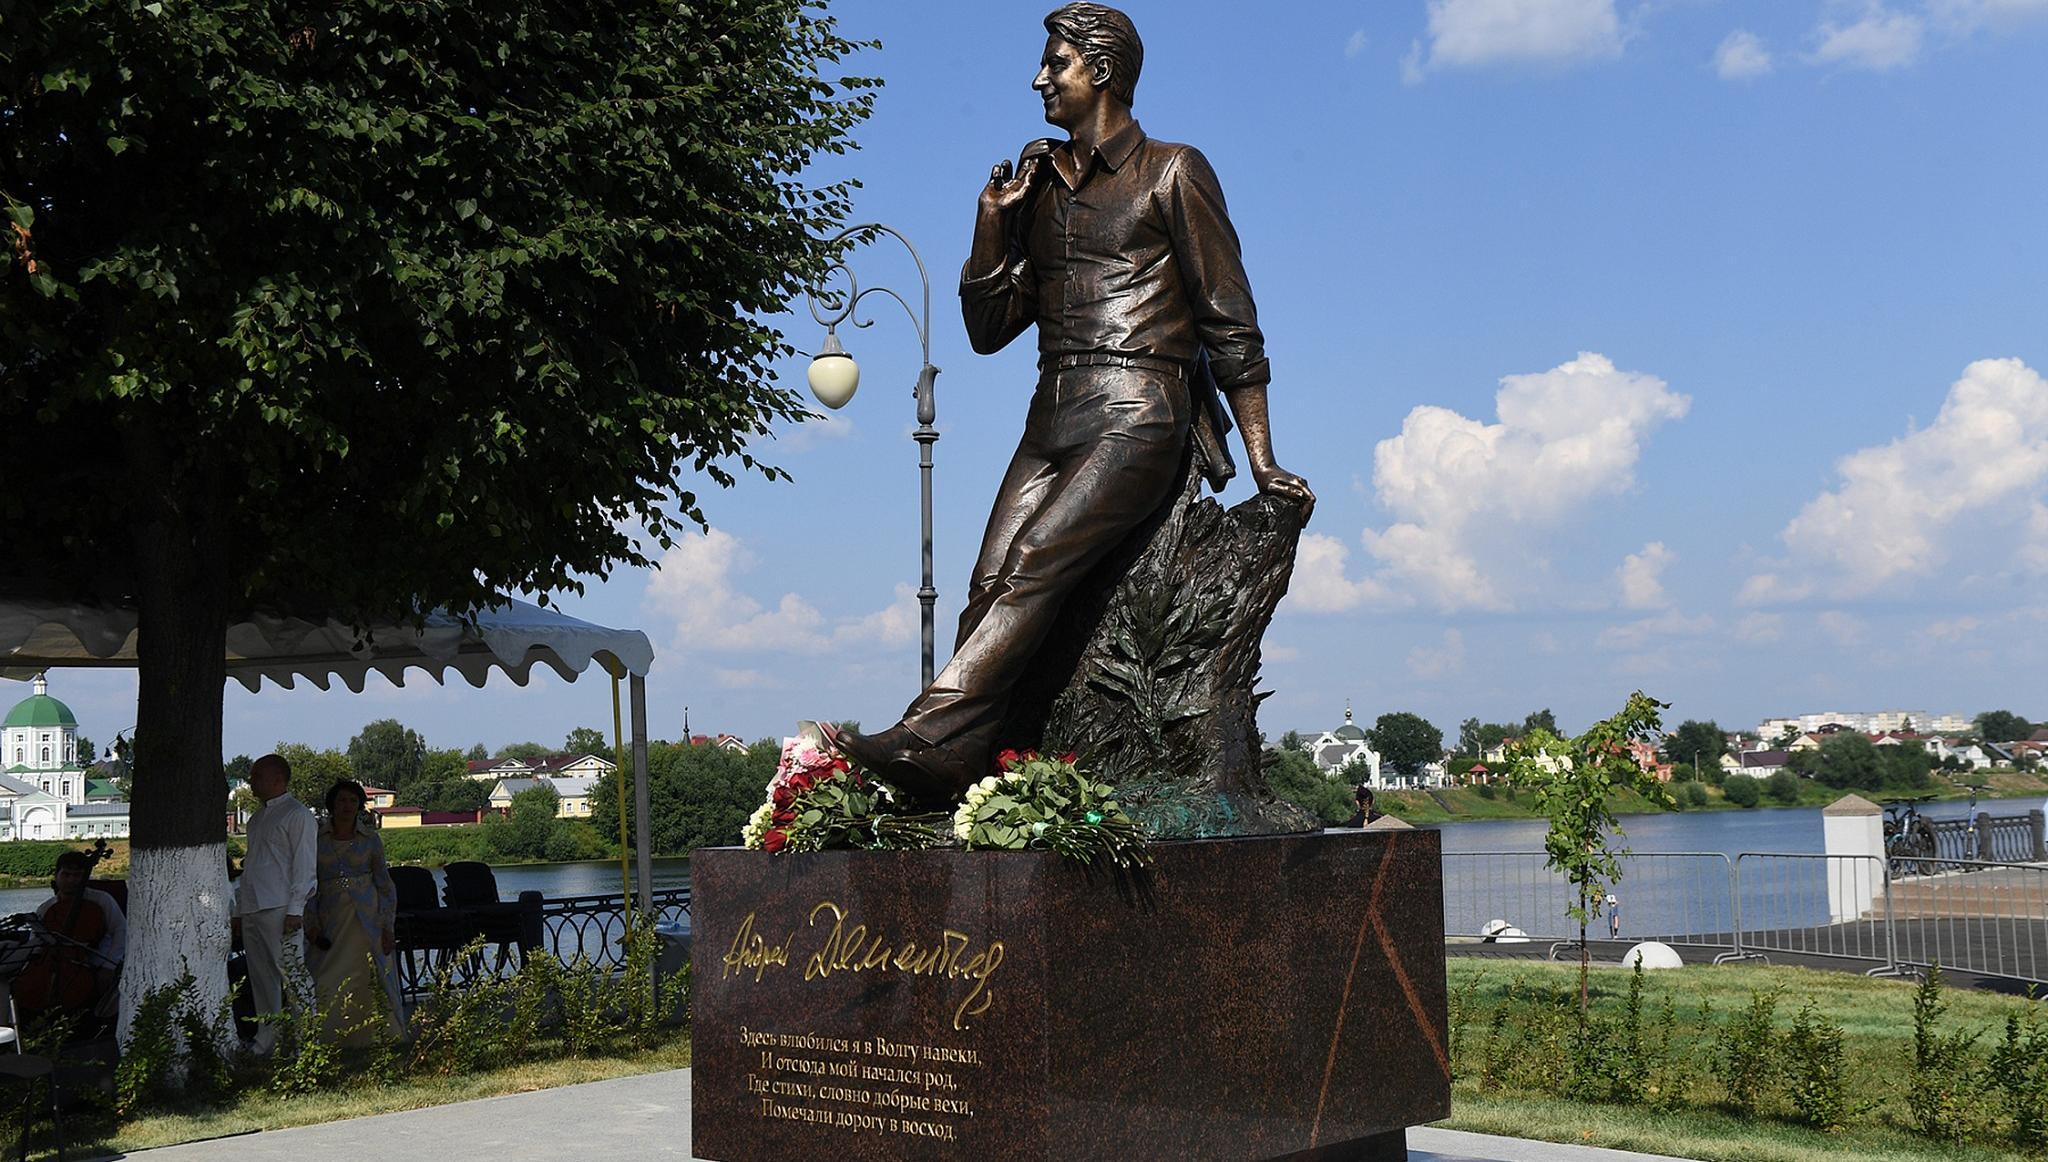 Путин направил приветствие участникам церемонии открытия памятника Андрею Дементьеву в Твери - новости Афанасий